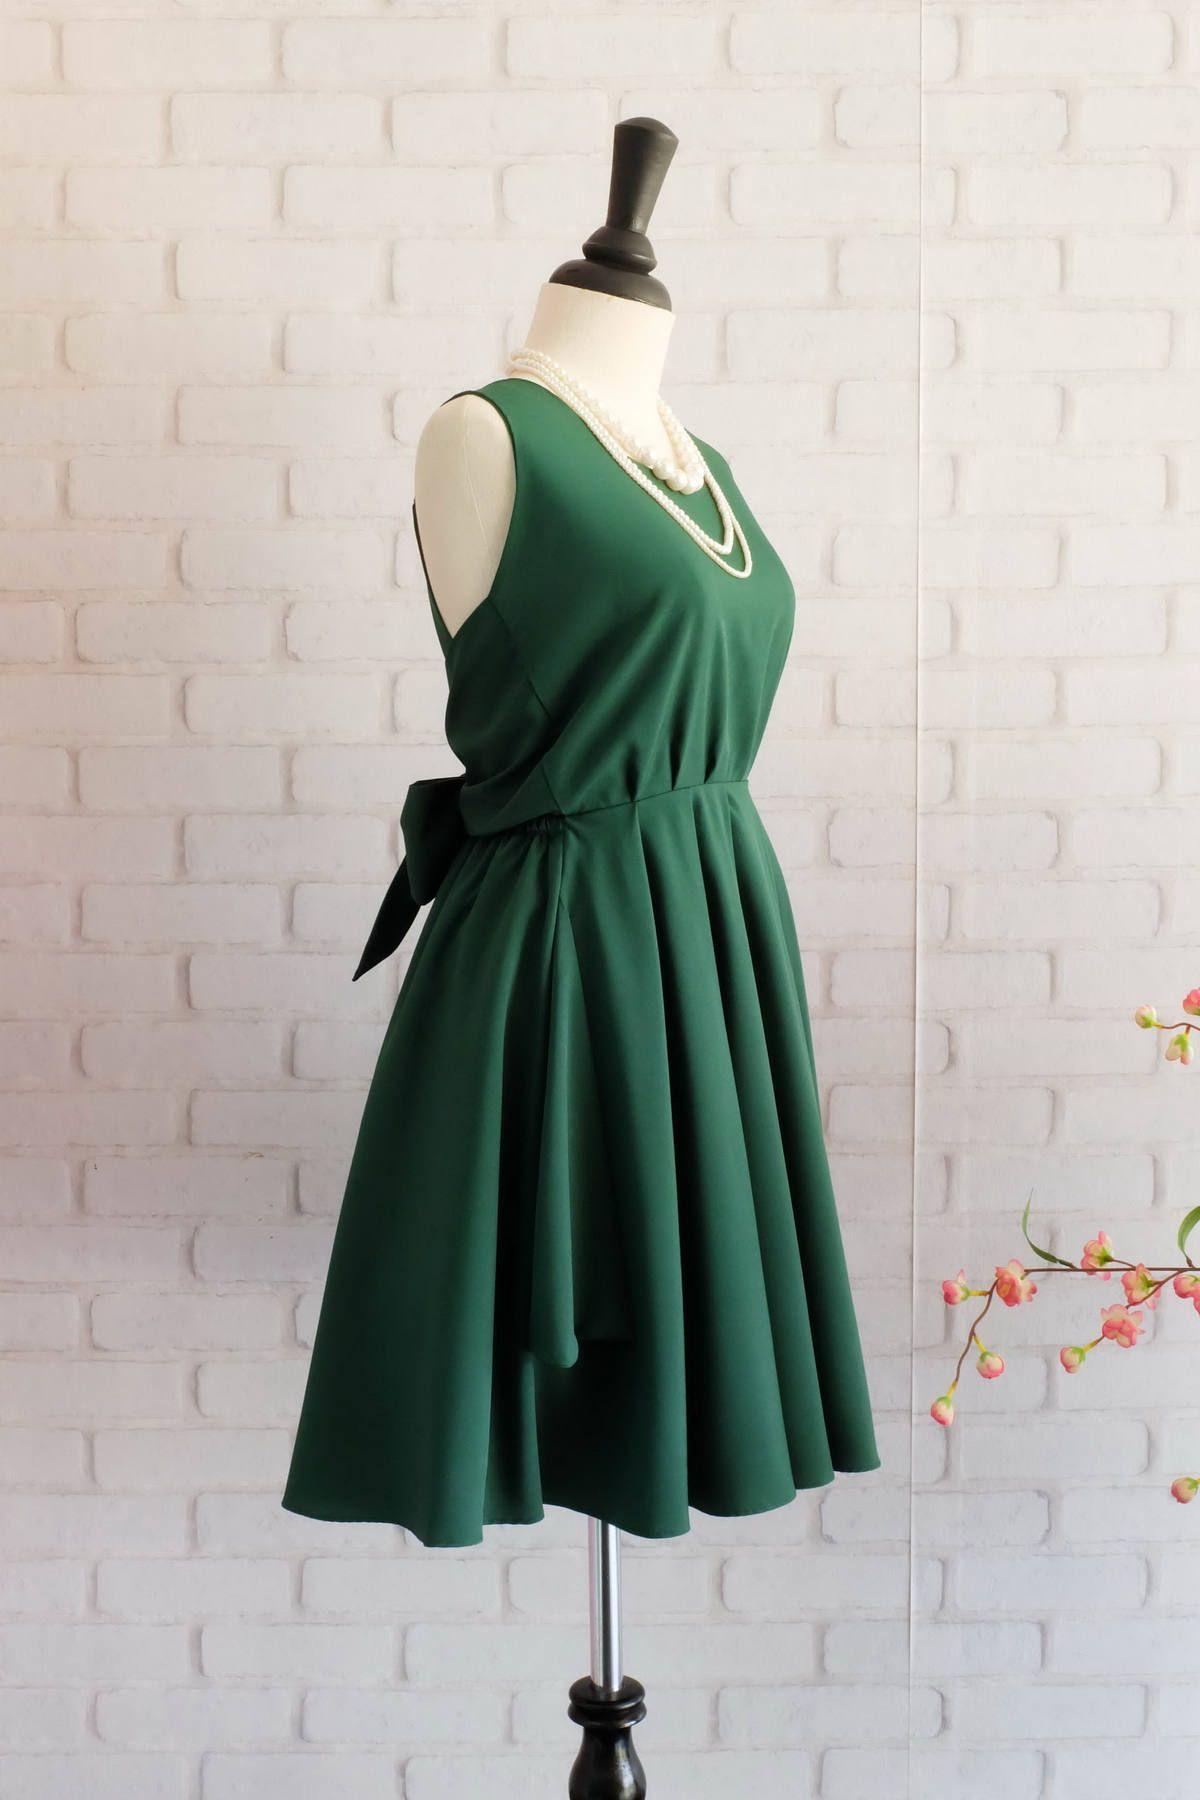 20 Schön Kleid Hochzeitsgast Grün Spezialgebiet15 Großartig Kleid Hochzeitsgast Grün Vertrieb